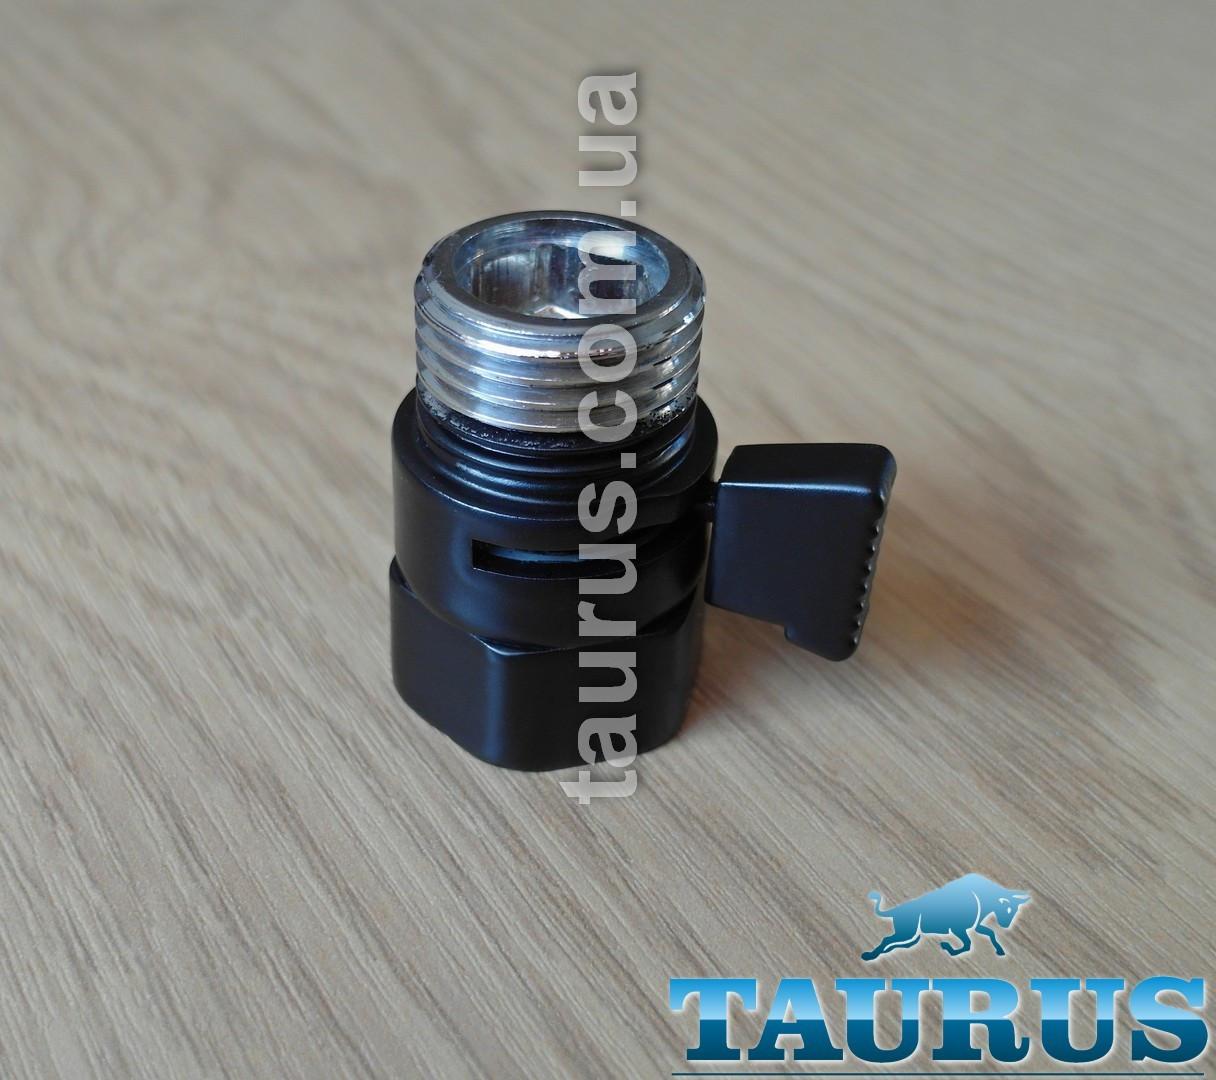 """Чорний компактний Micro кран Eco Black (Польща, 1/2"""") для прихованого підключення рушникосушок"""